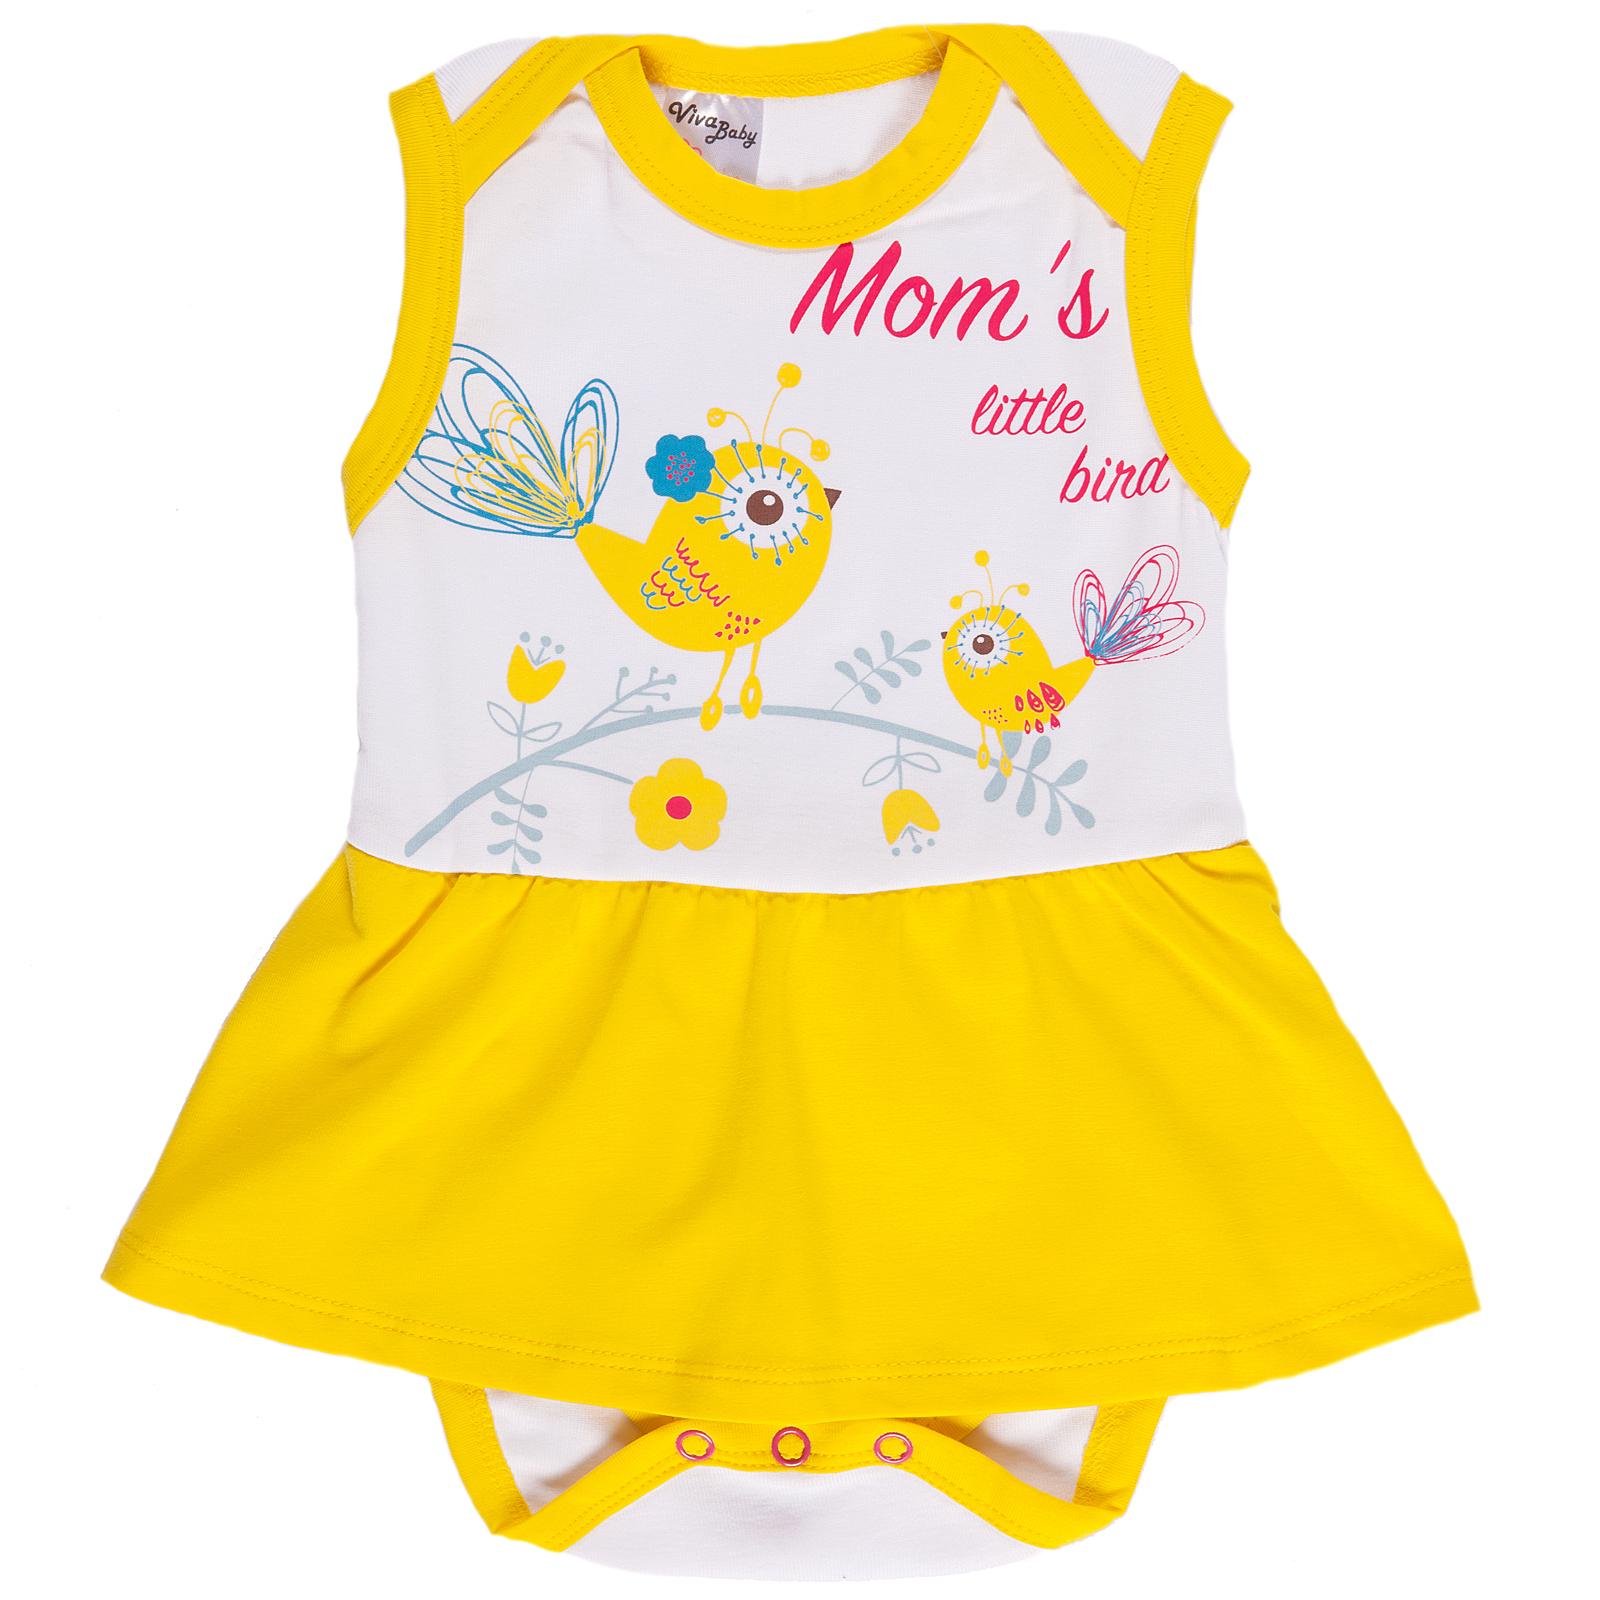 Боди Viva Baby viva baby viva baby платье для девочки сиреневое